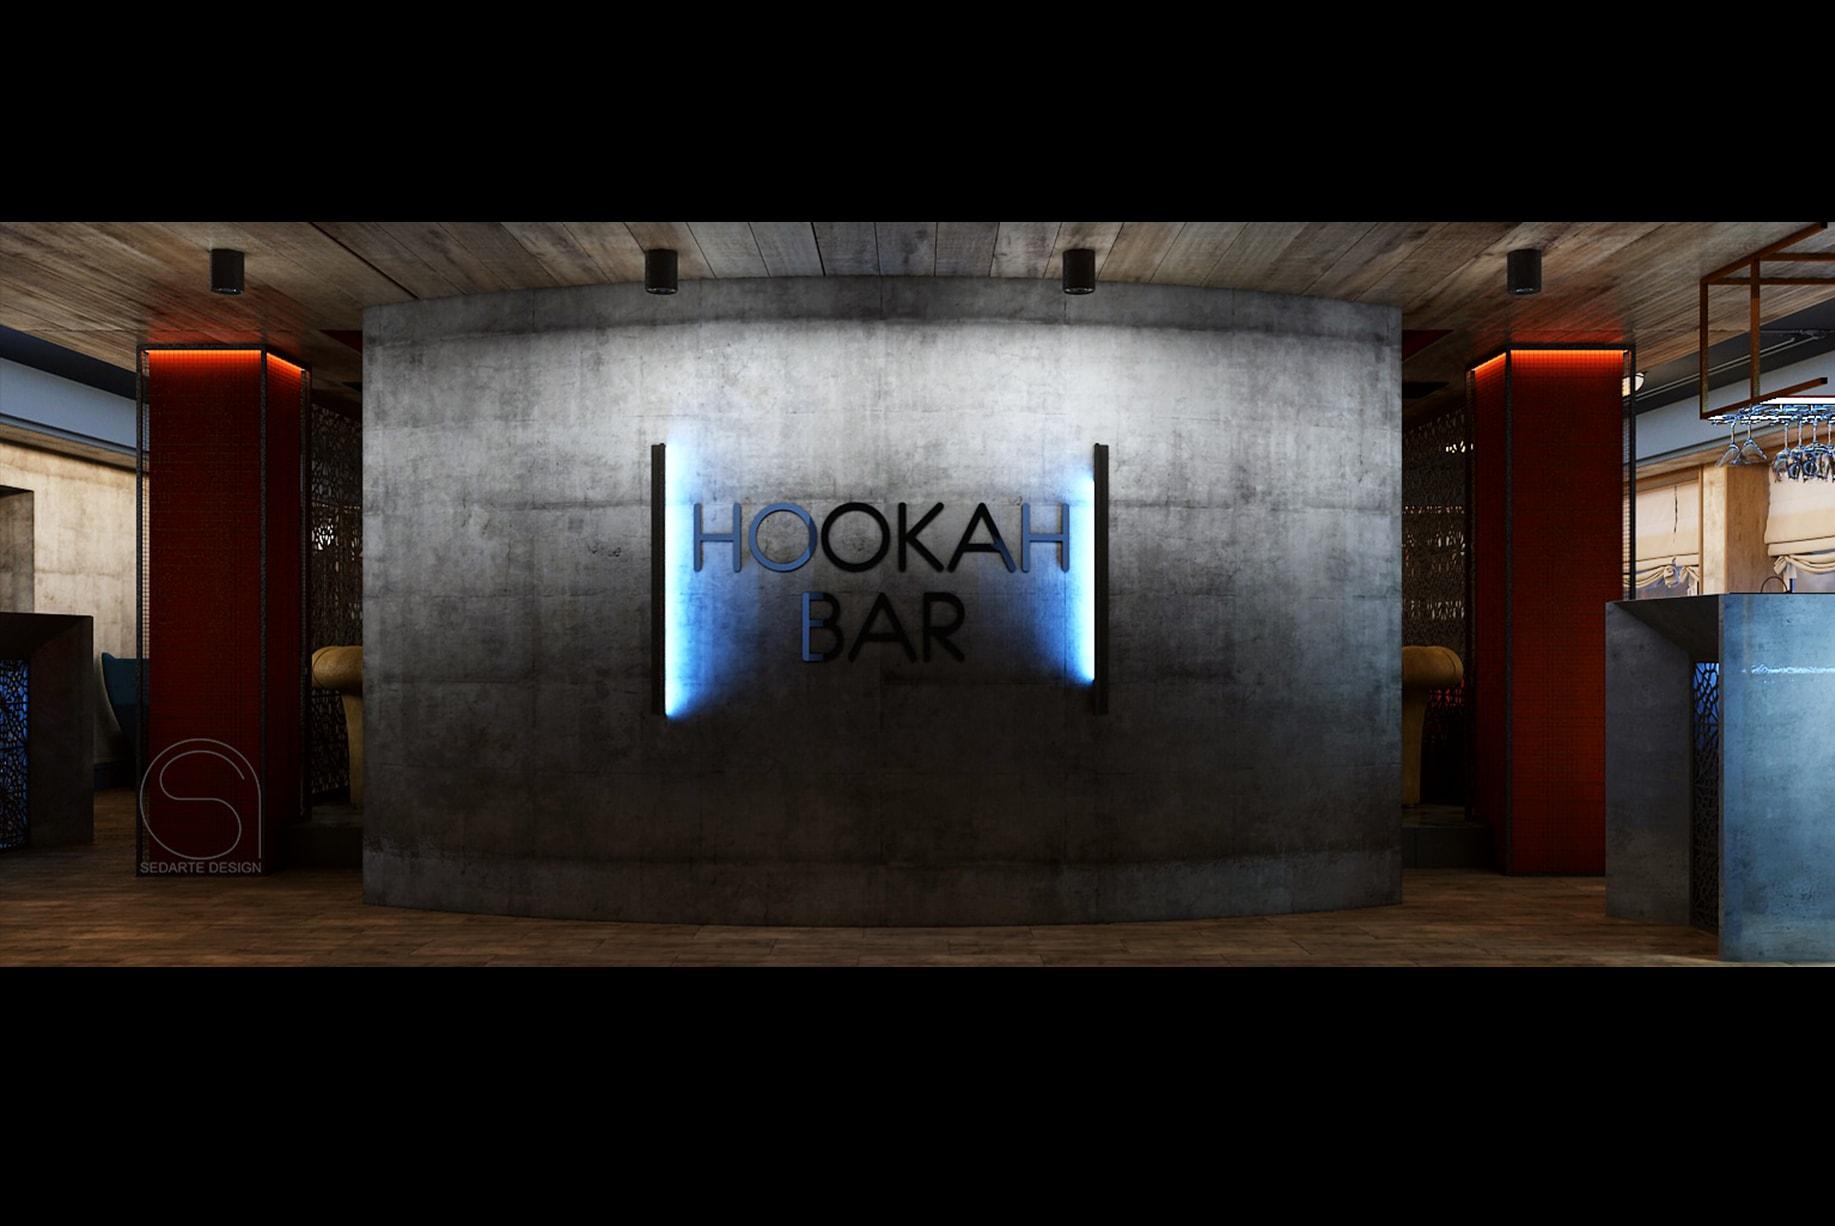 Hookah bar, г. Кременчуг